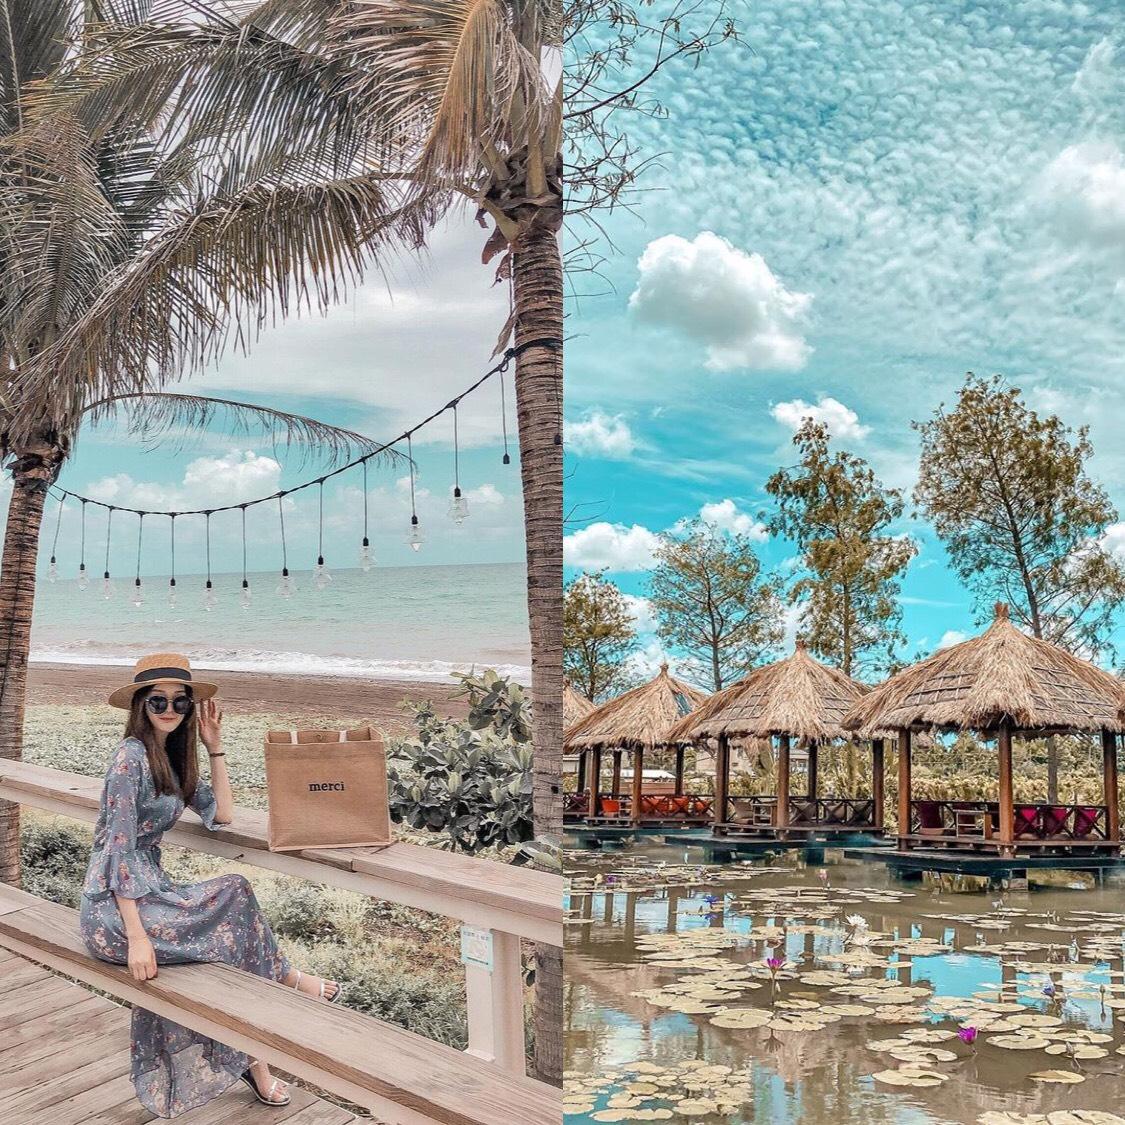 屏東景點推薦   精選14個屏東必去景點、餐廳、文創園區,異國風的景色讓你一秒出國